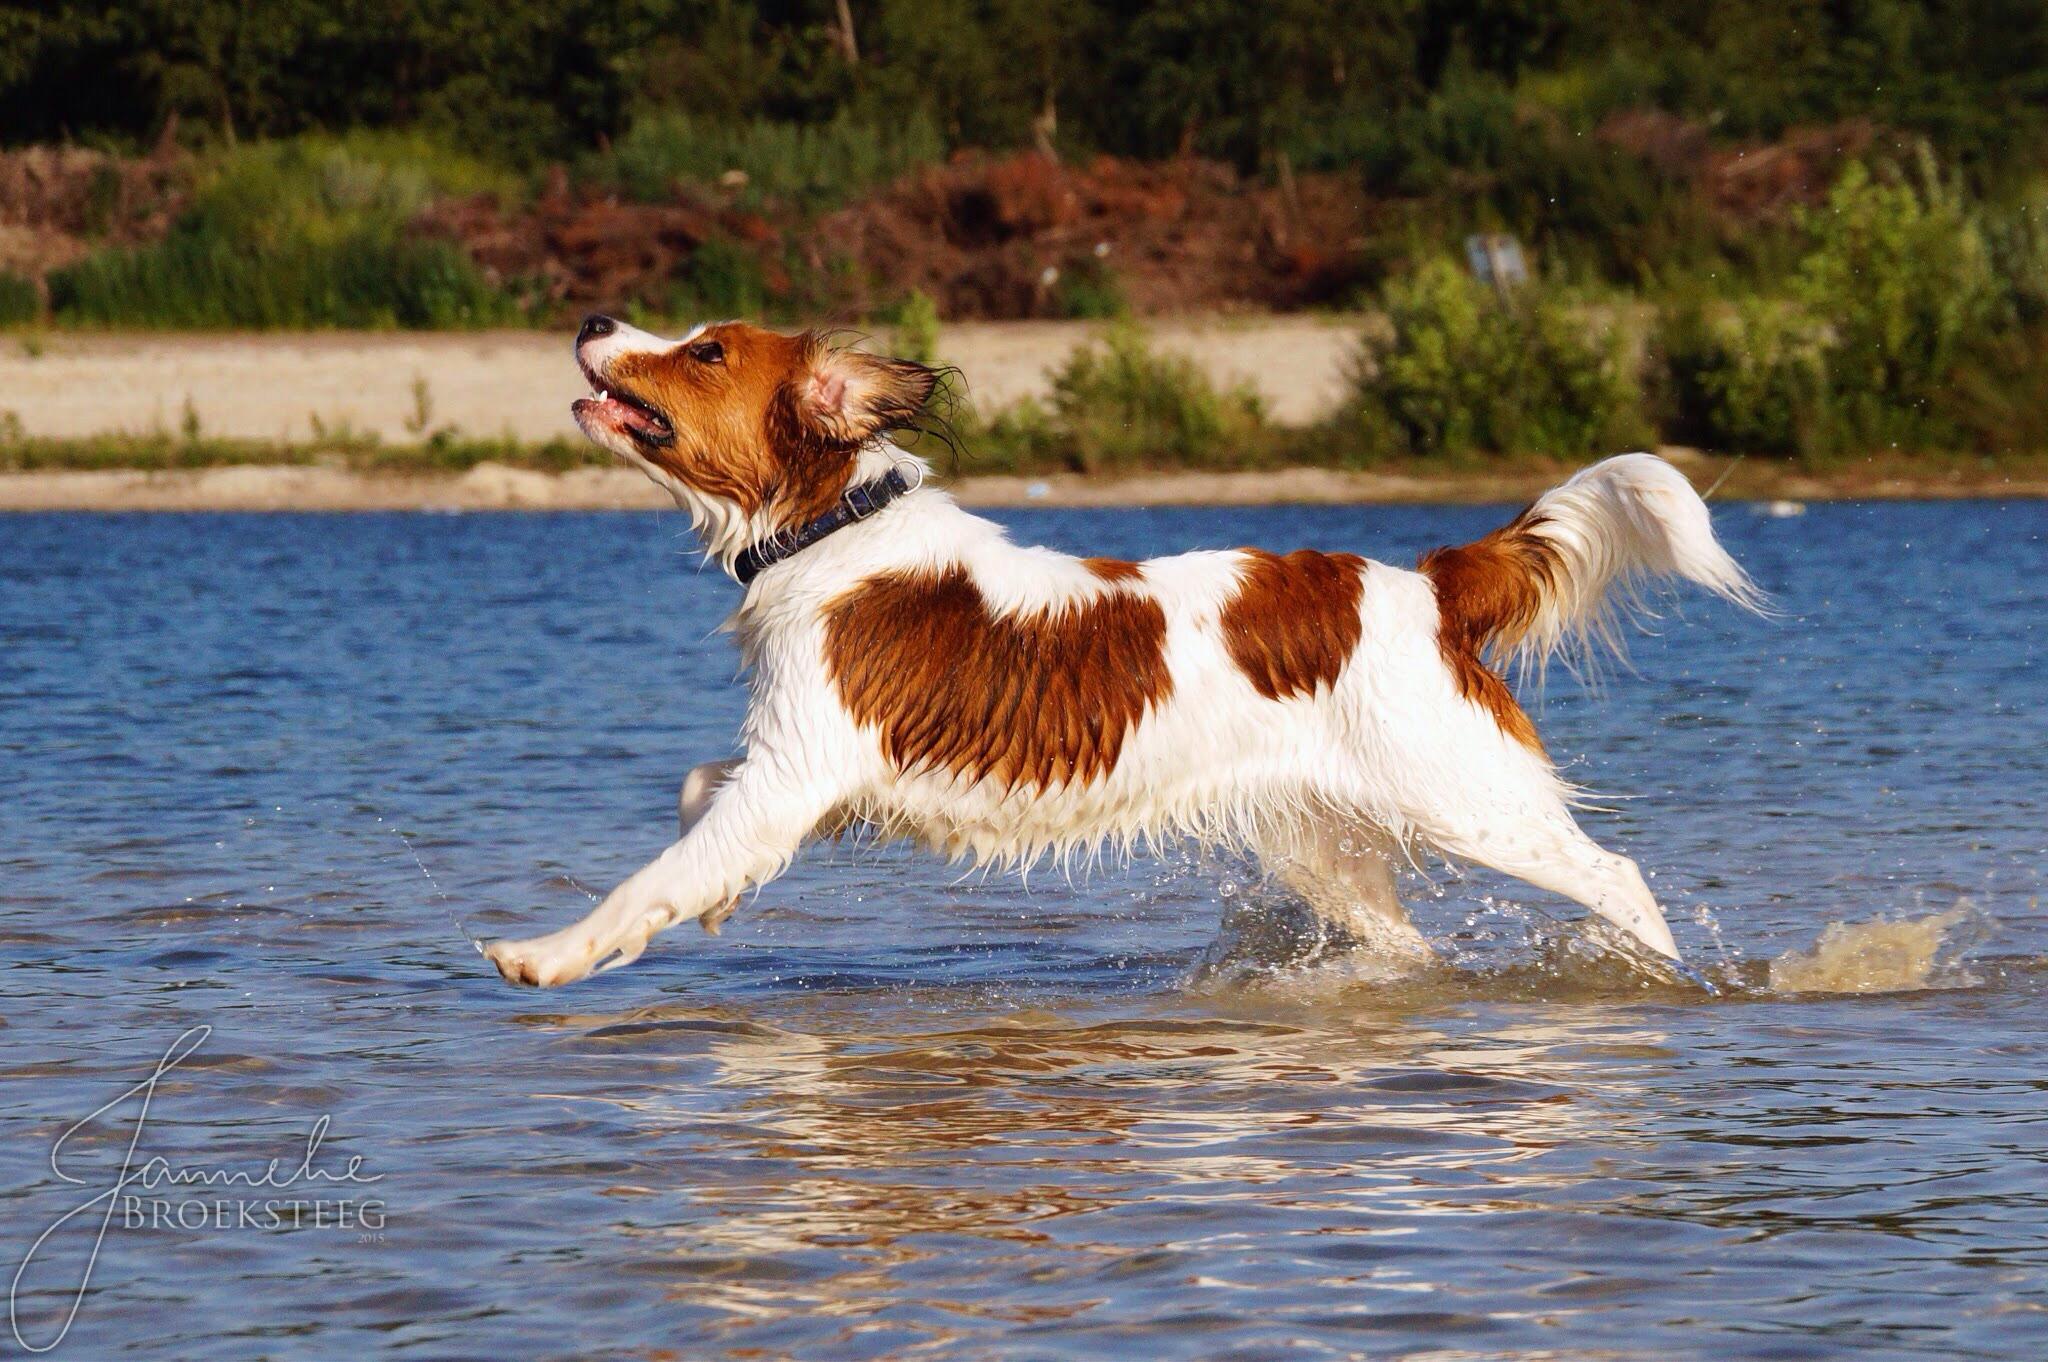 Walkin' on water